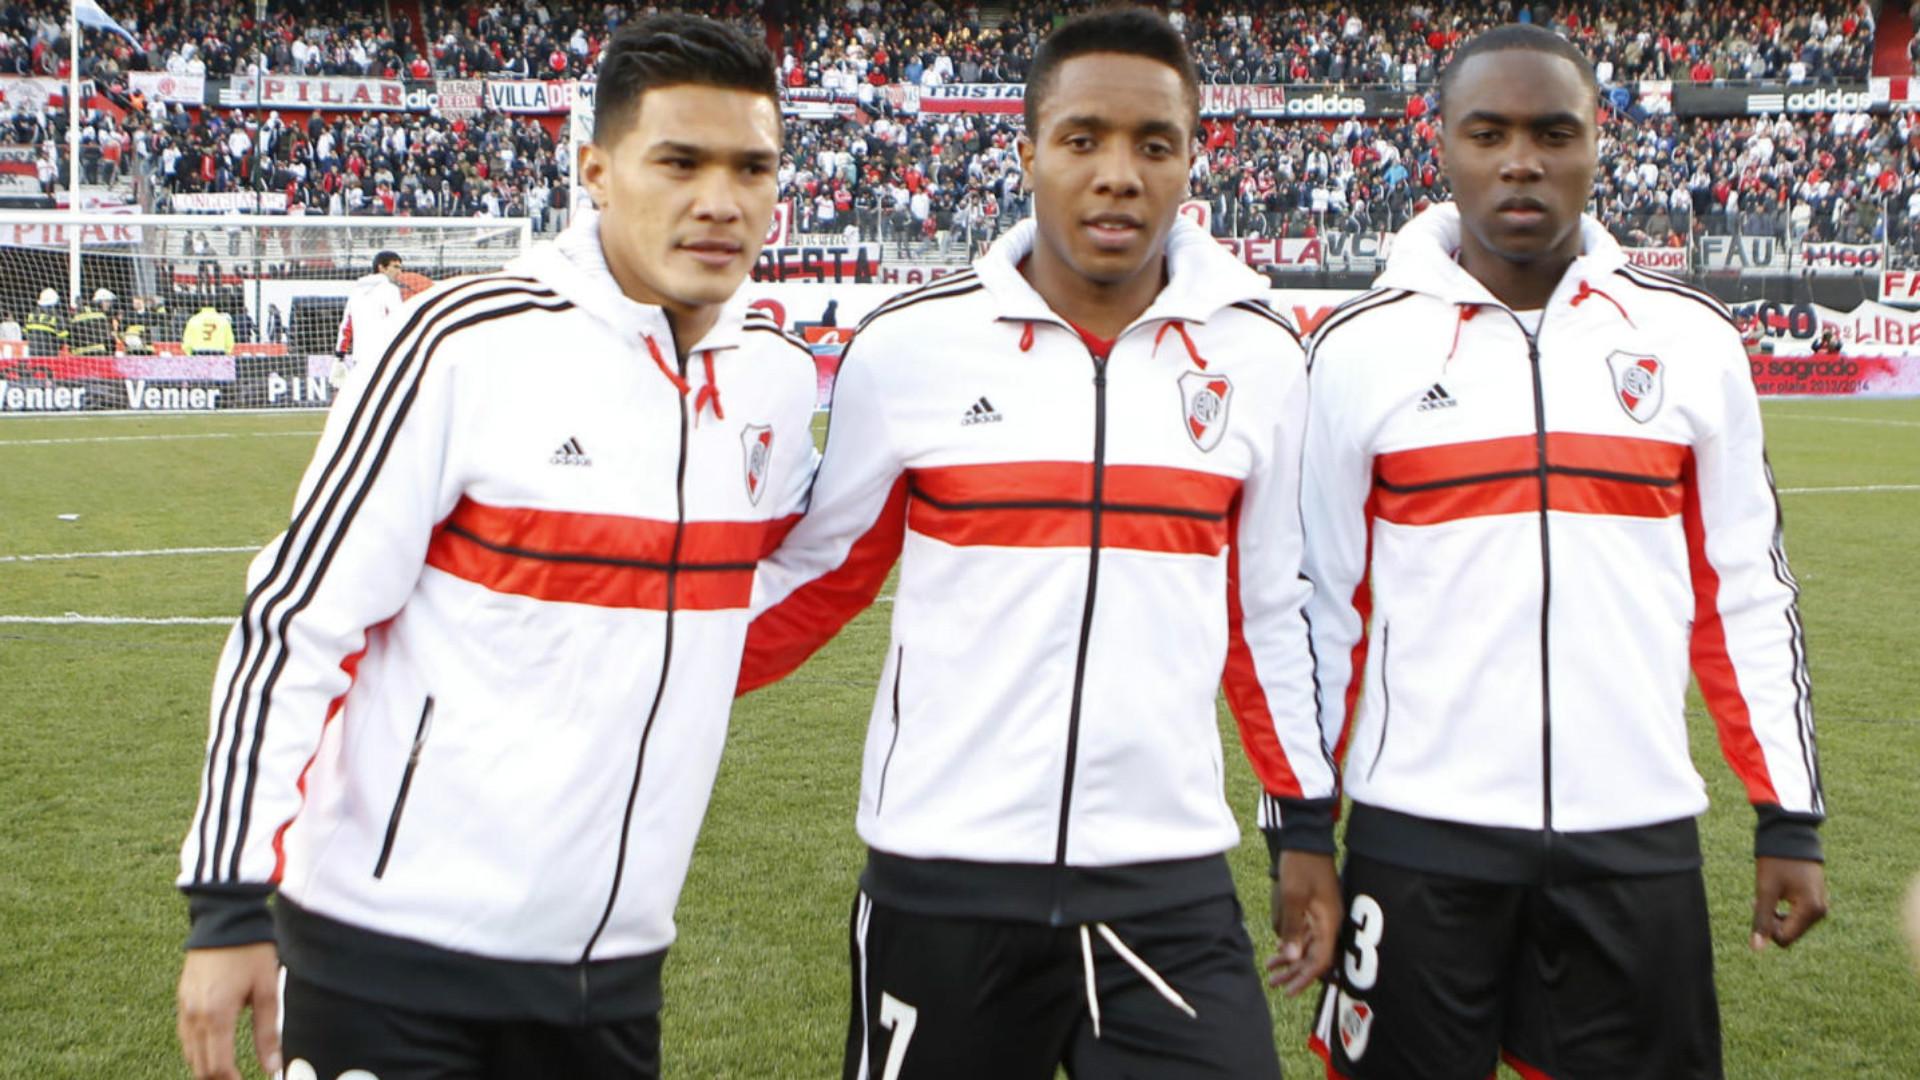 Santos Borré es oficialmente jugador de River